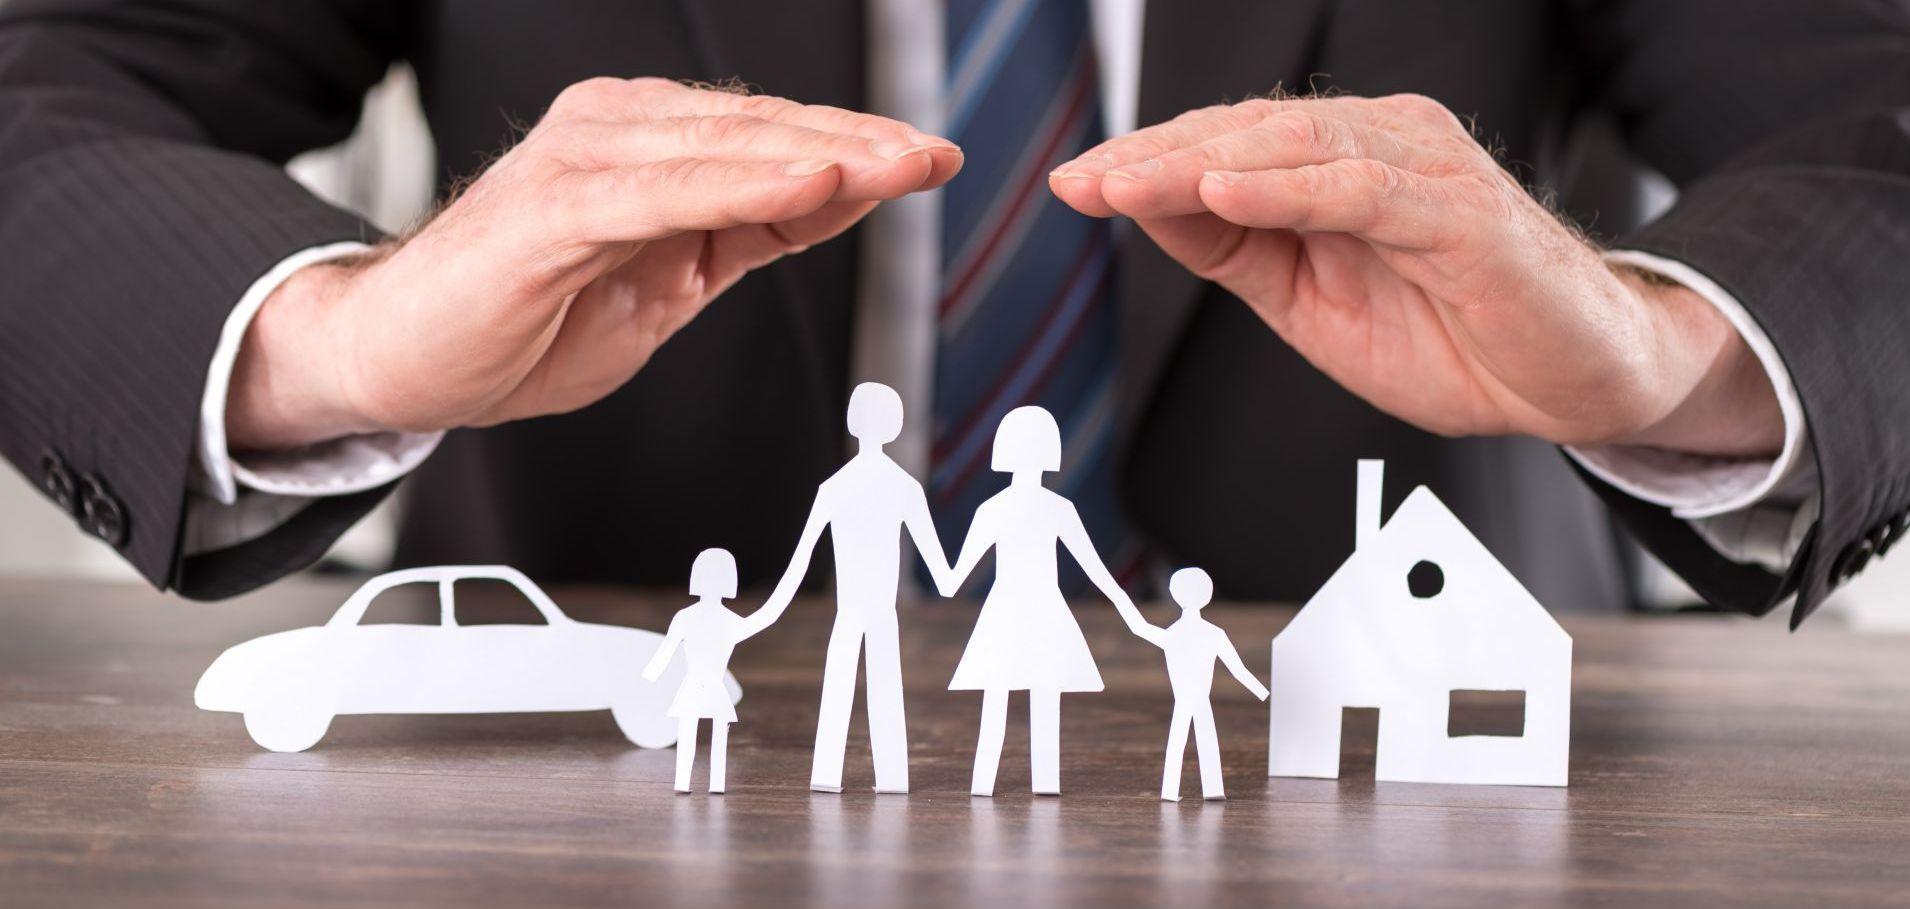 預算有限 保險應先保大人還小孩?